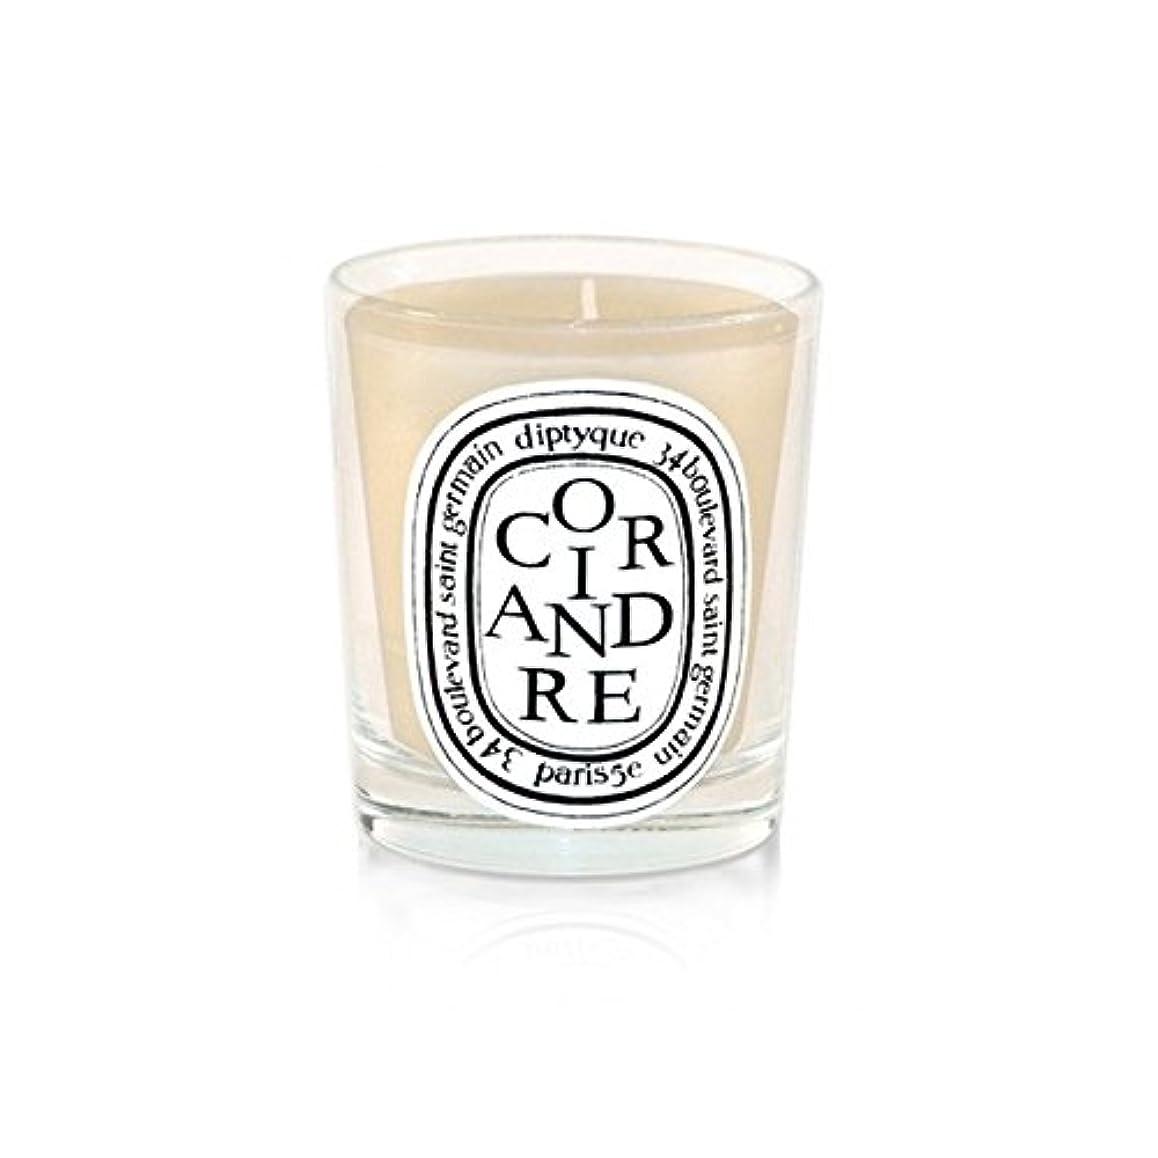 地味な鬼ごっこ事業内容DiptyqueキャンドルCoriandre /コリアンダー190グラム - Diptyque Candle Coriandre / Coriander 190g (Diptyque) [並行輸入品]